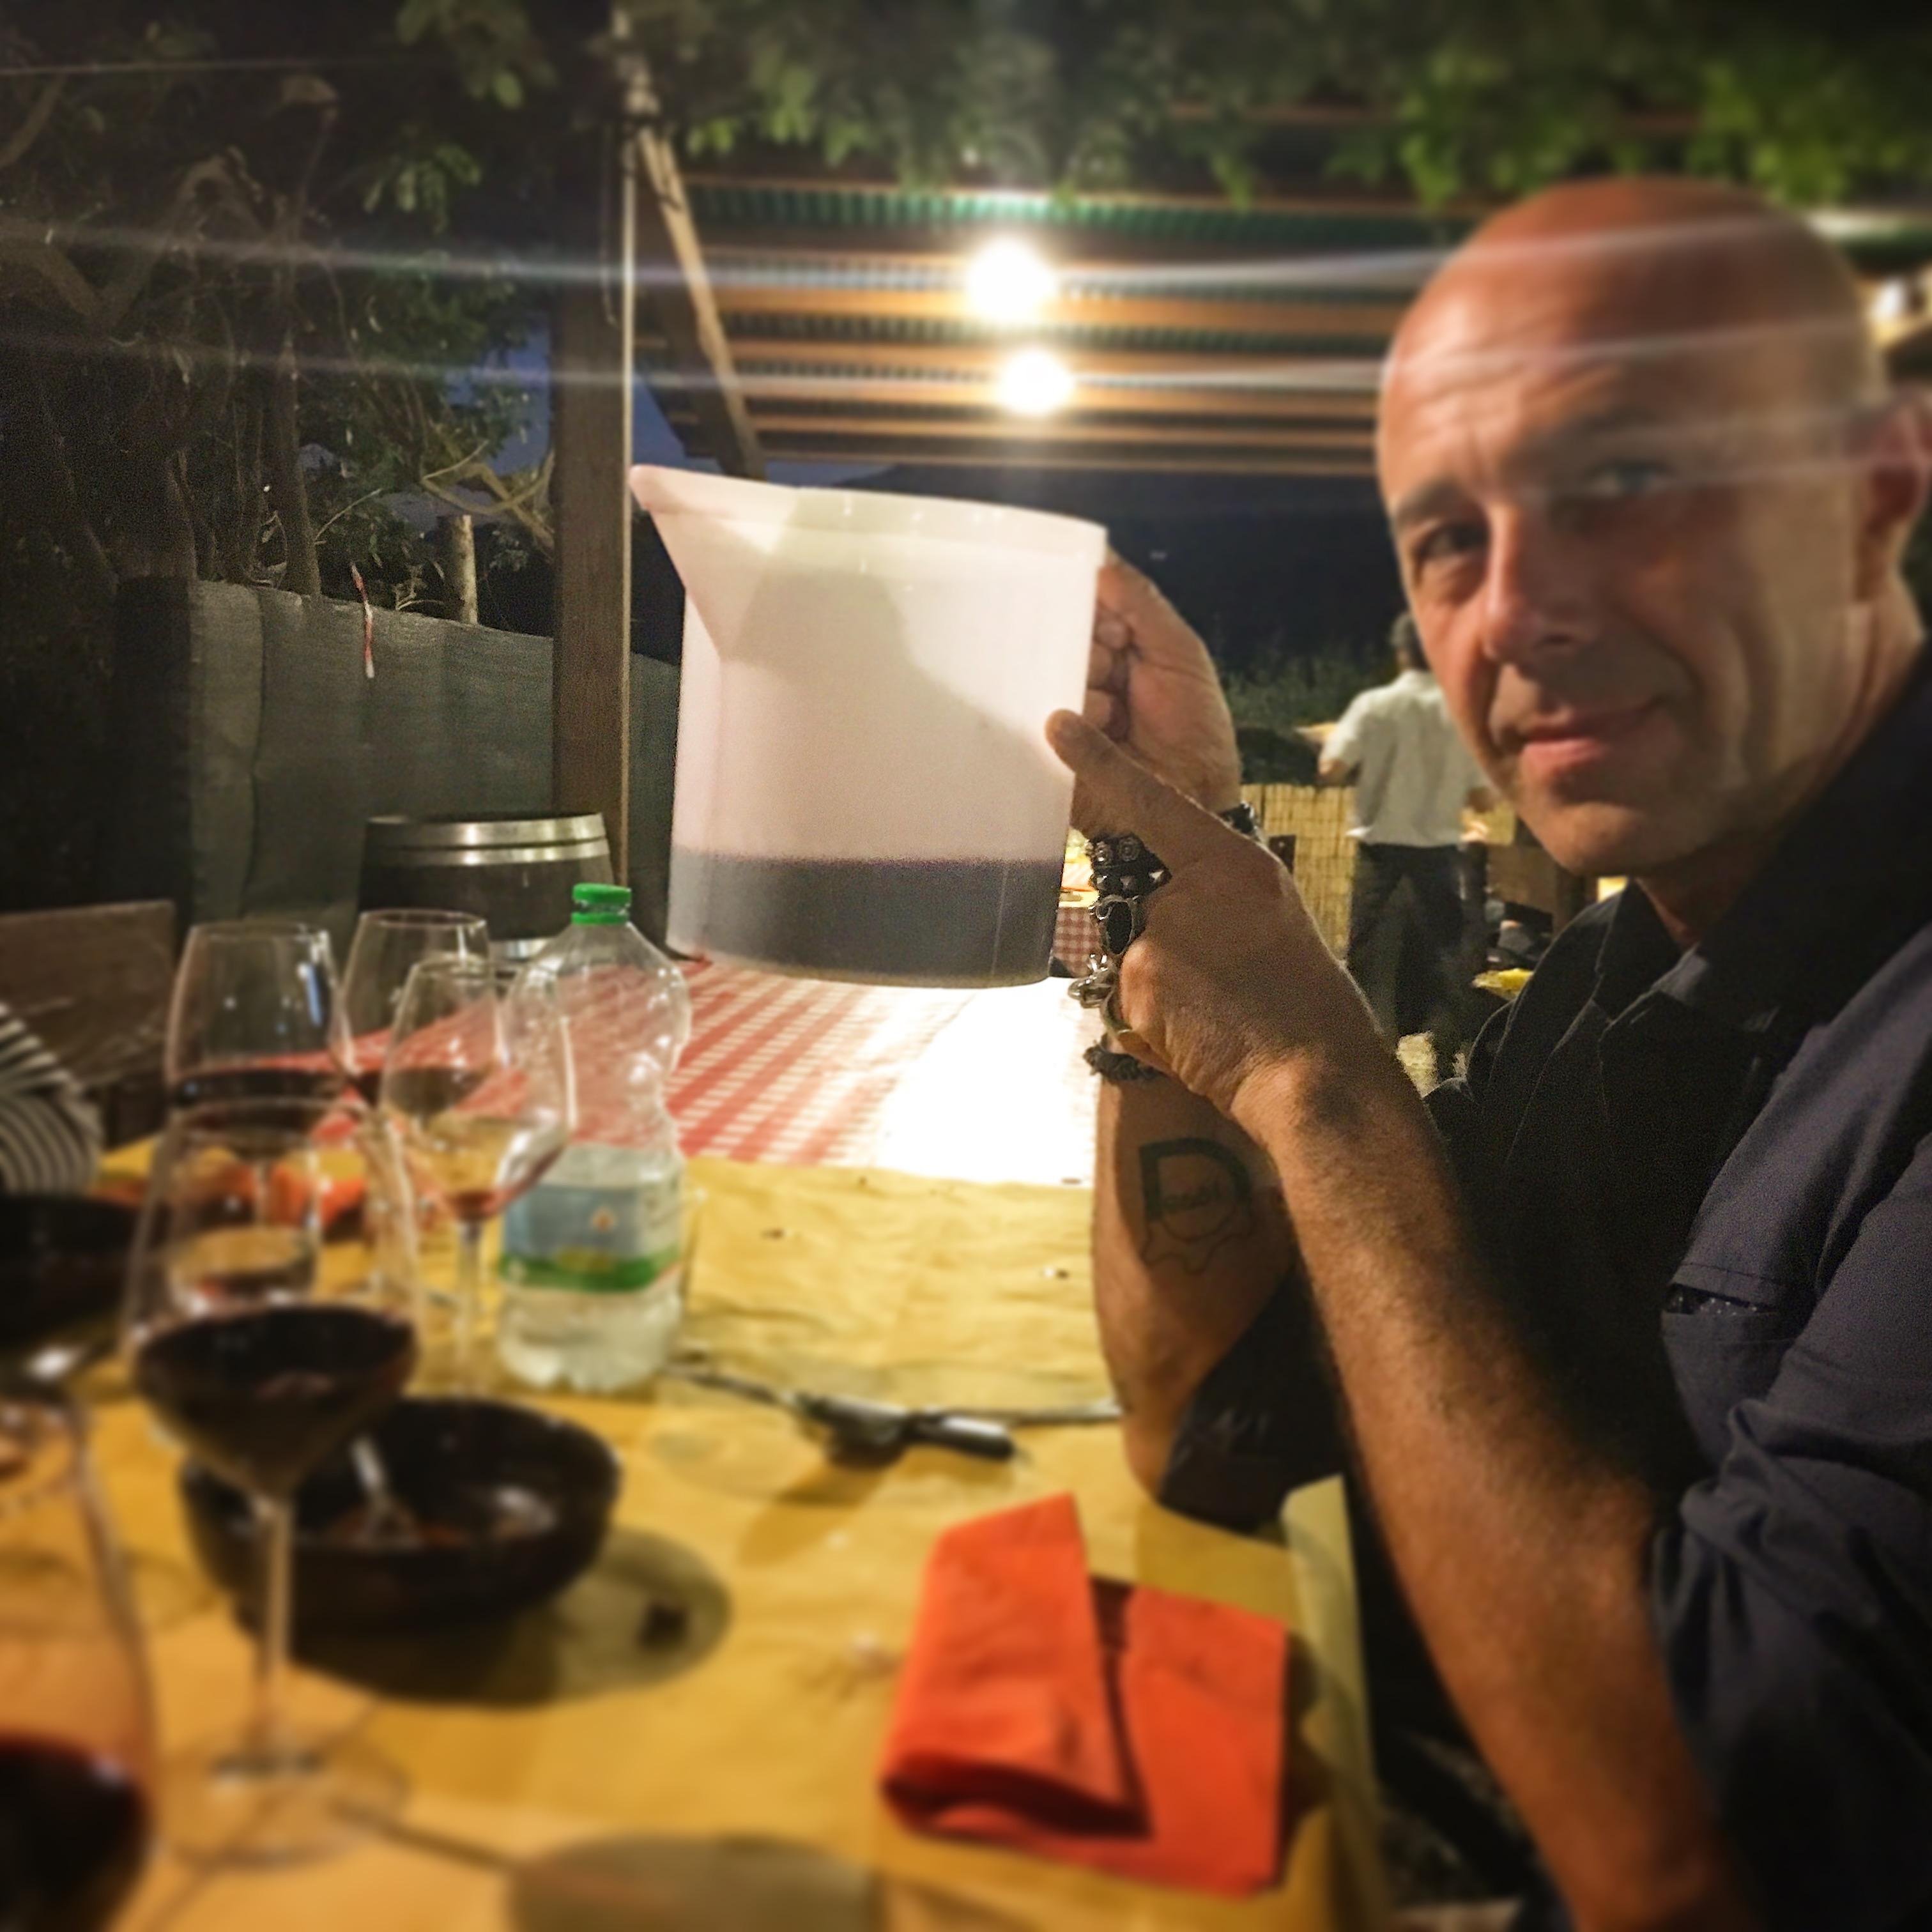 Da baffo, Gino fuso Carmignani, Mangiare a manovella, Montecarlo